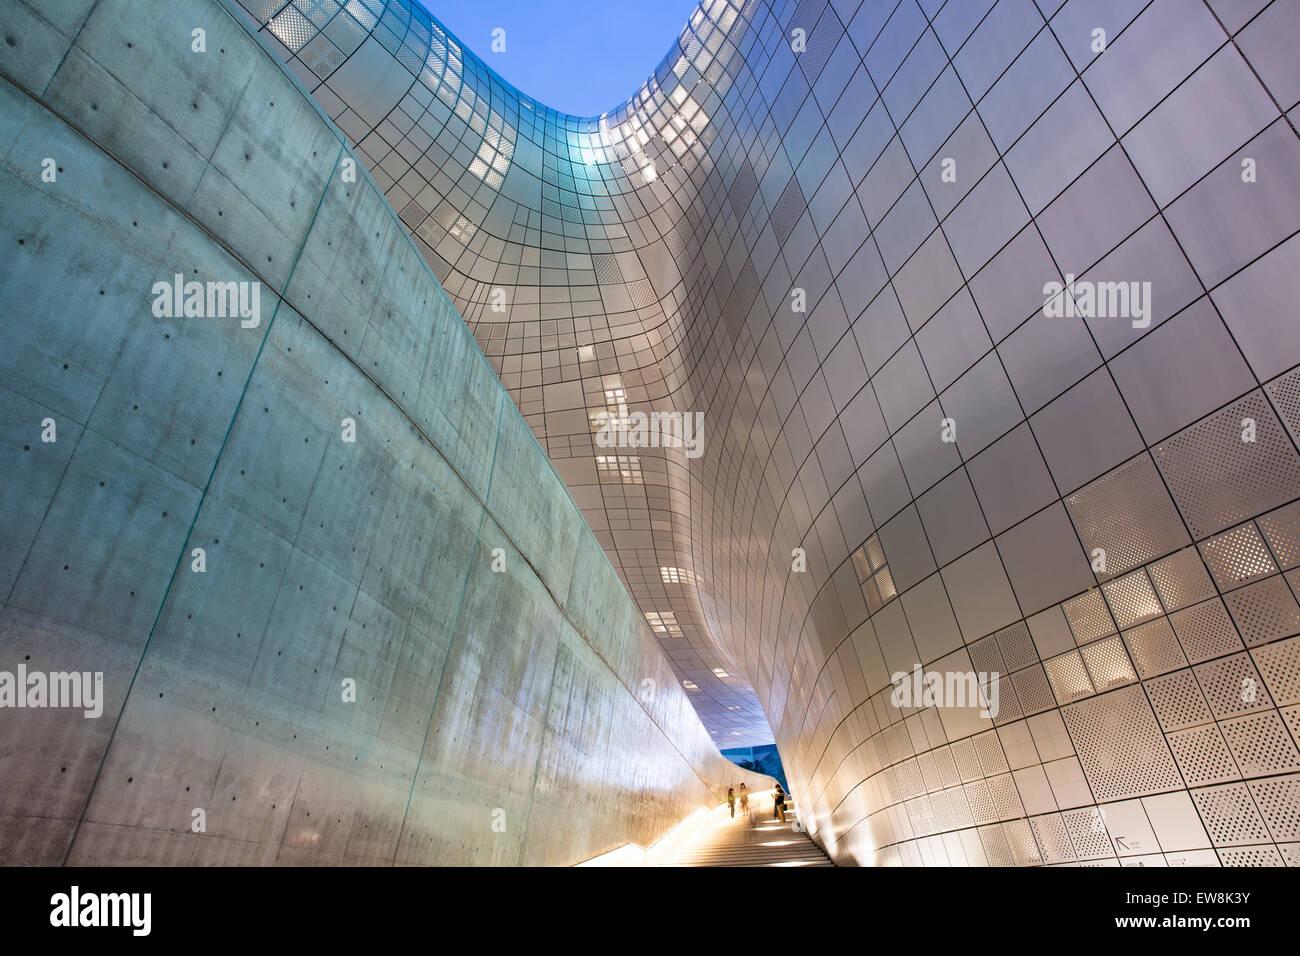 Seul, Repubblica di Corea - 15 agosto 2014: architettura moderna di Dongdaemun Plaza di notte il 15 agosto 2014, Immagini Stock